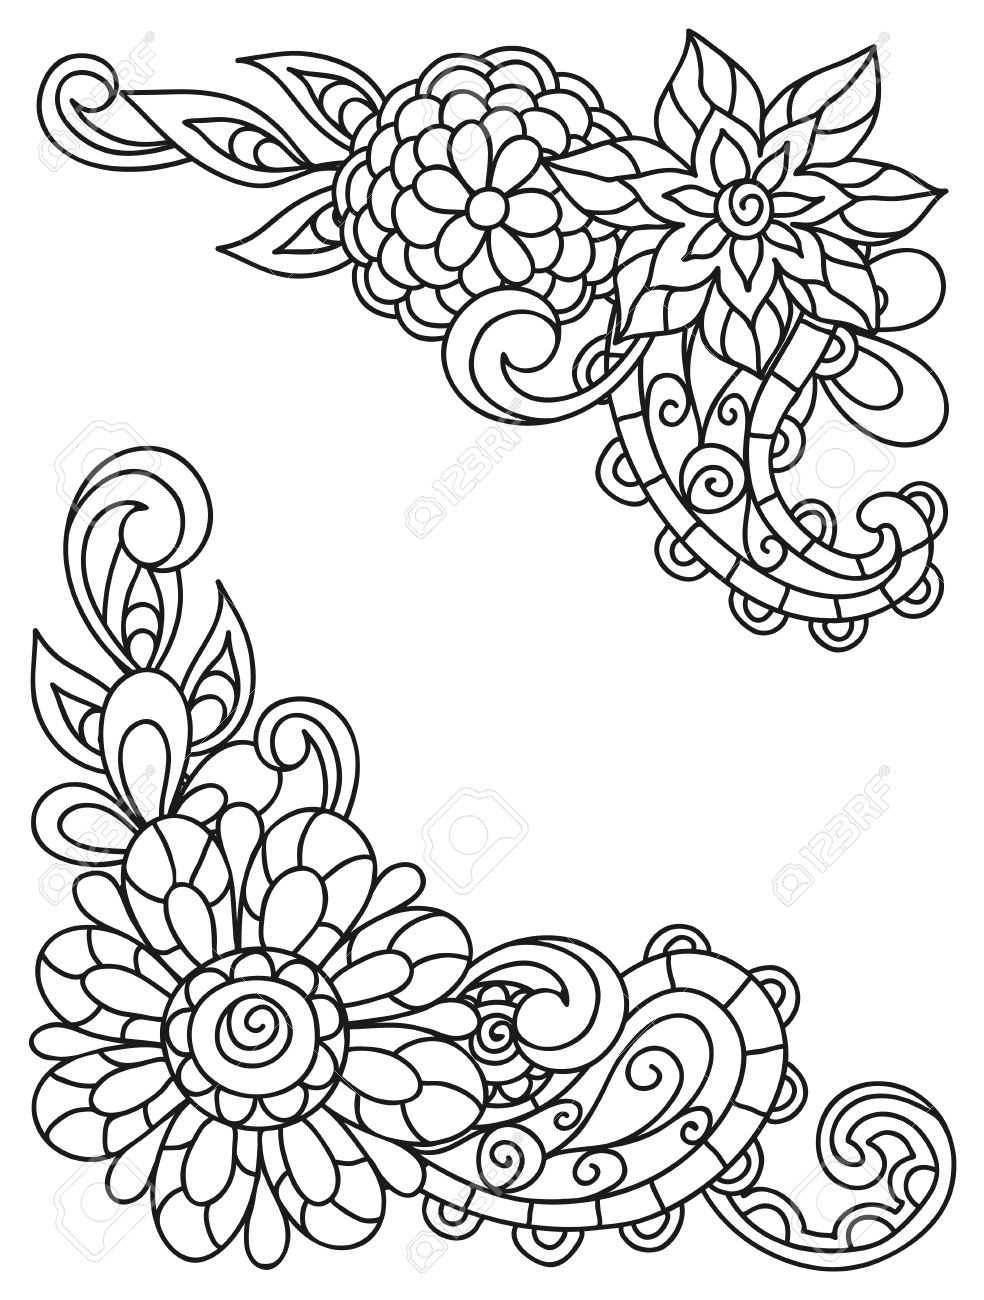 Flores Imprimir. Imprimir Dibujo De Flor Patchwork Para Colorear ...